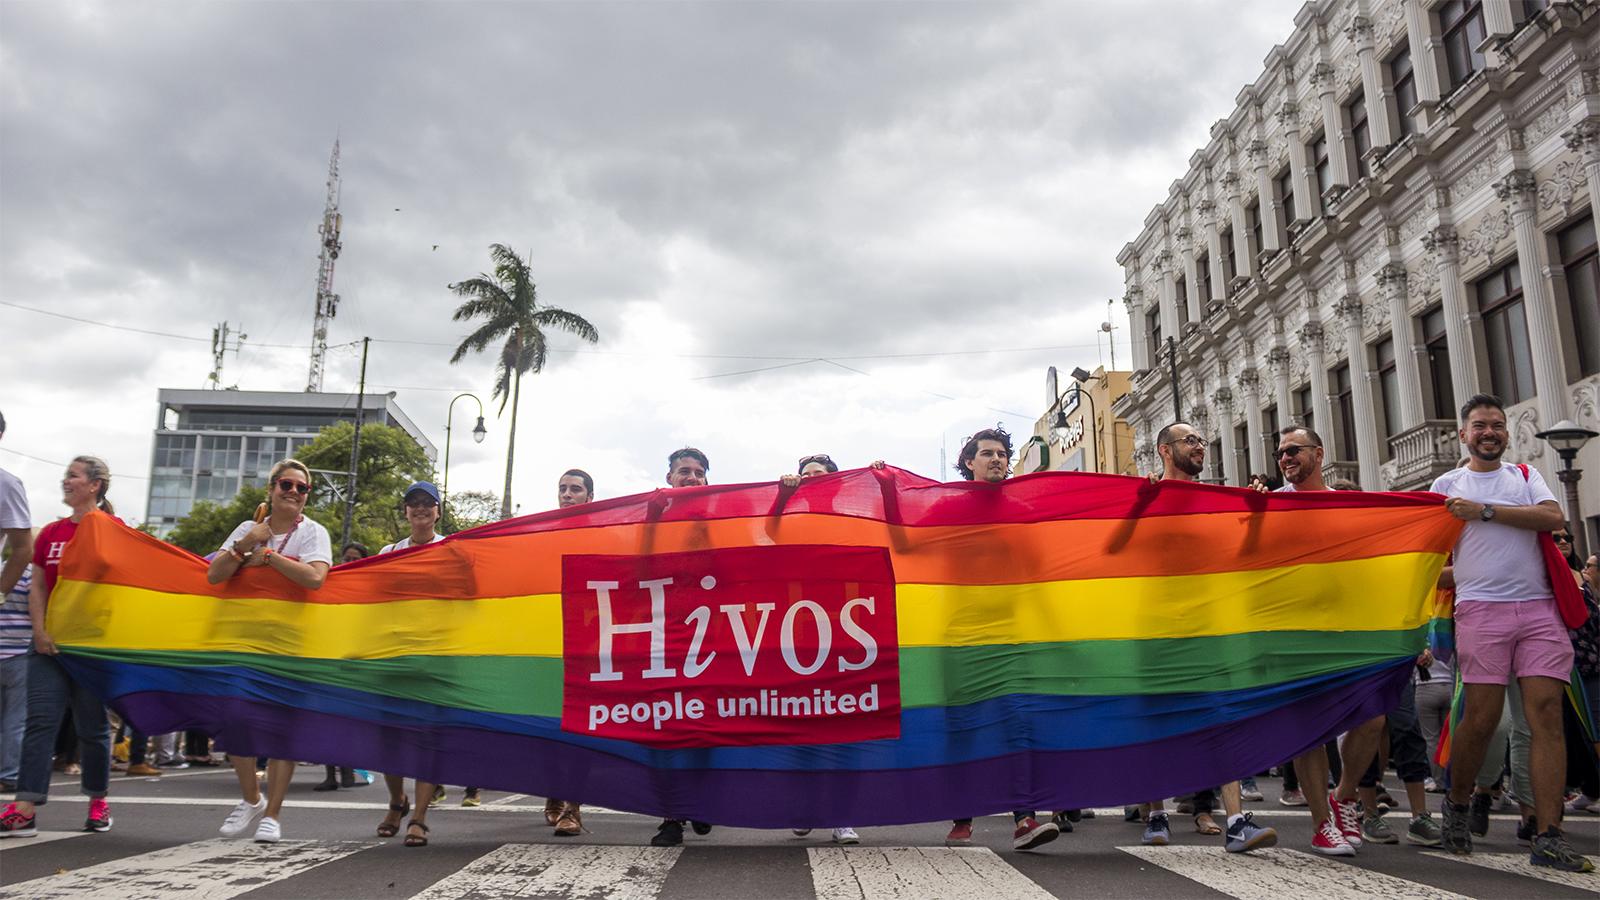 Somos Hivos